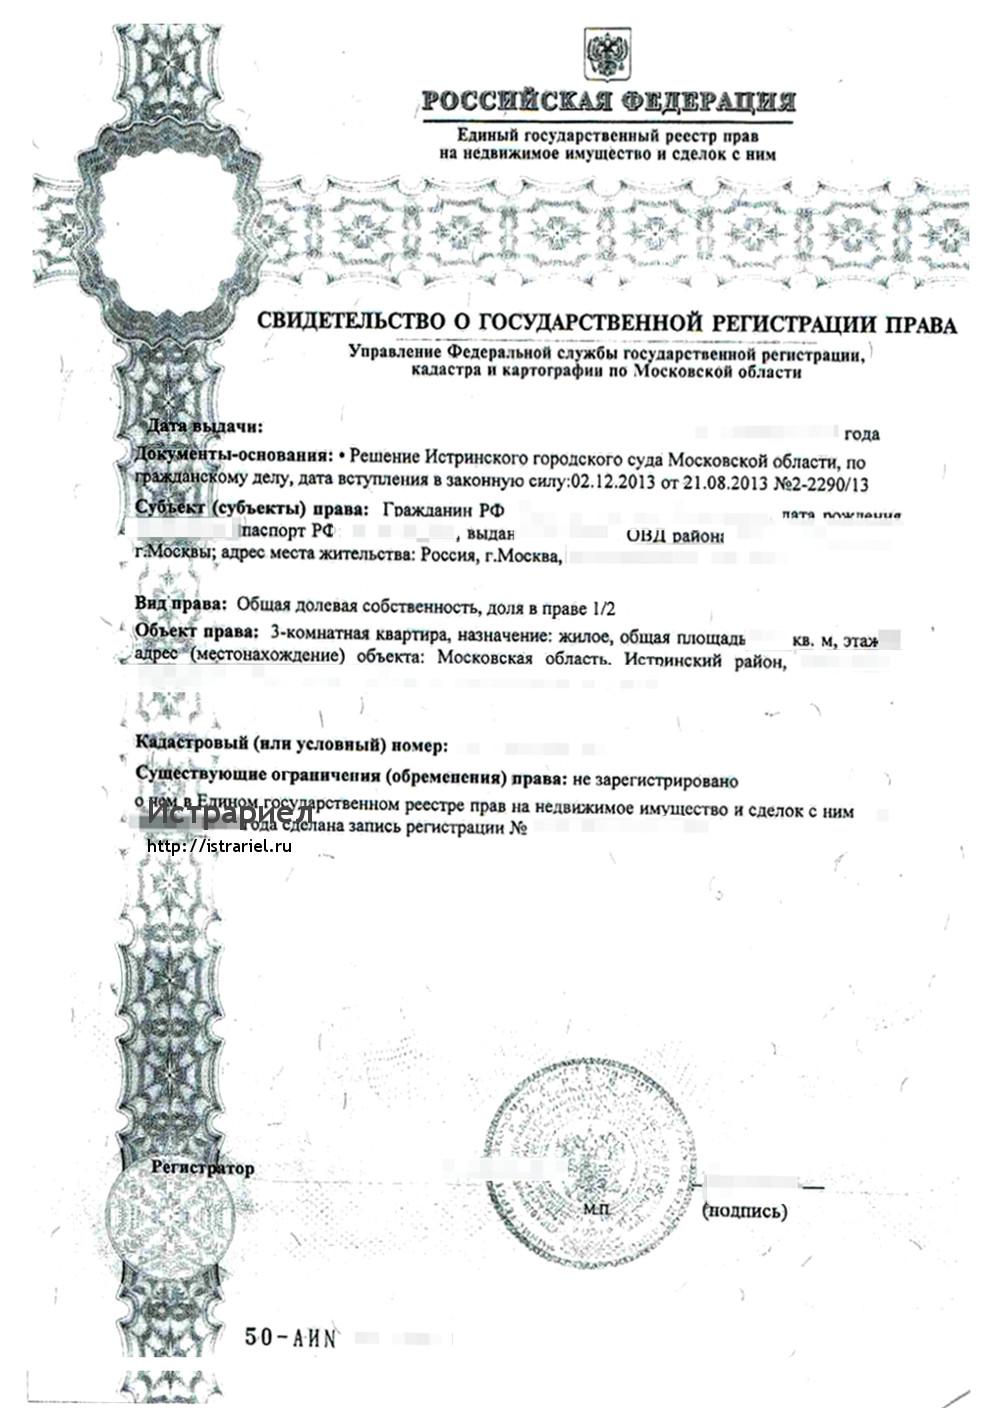 государственная регистрация прав на недвижимое имущество псков должны